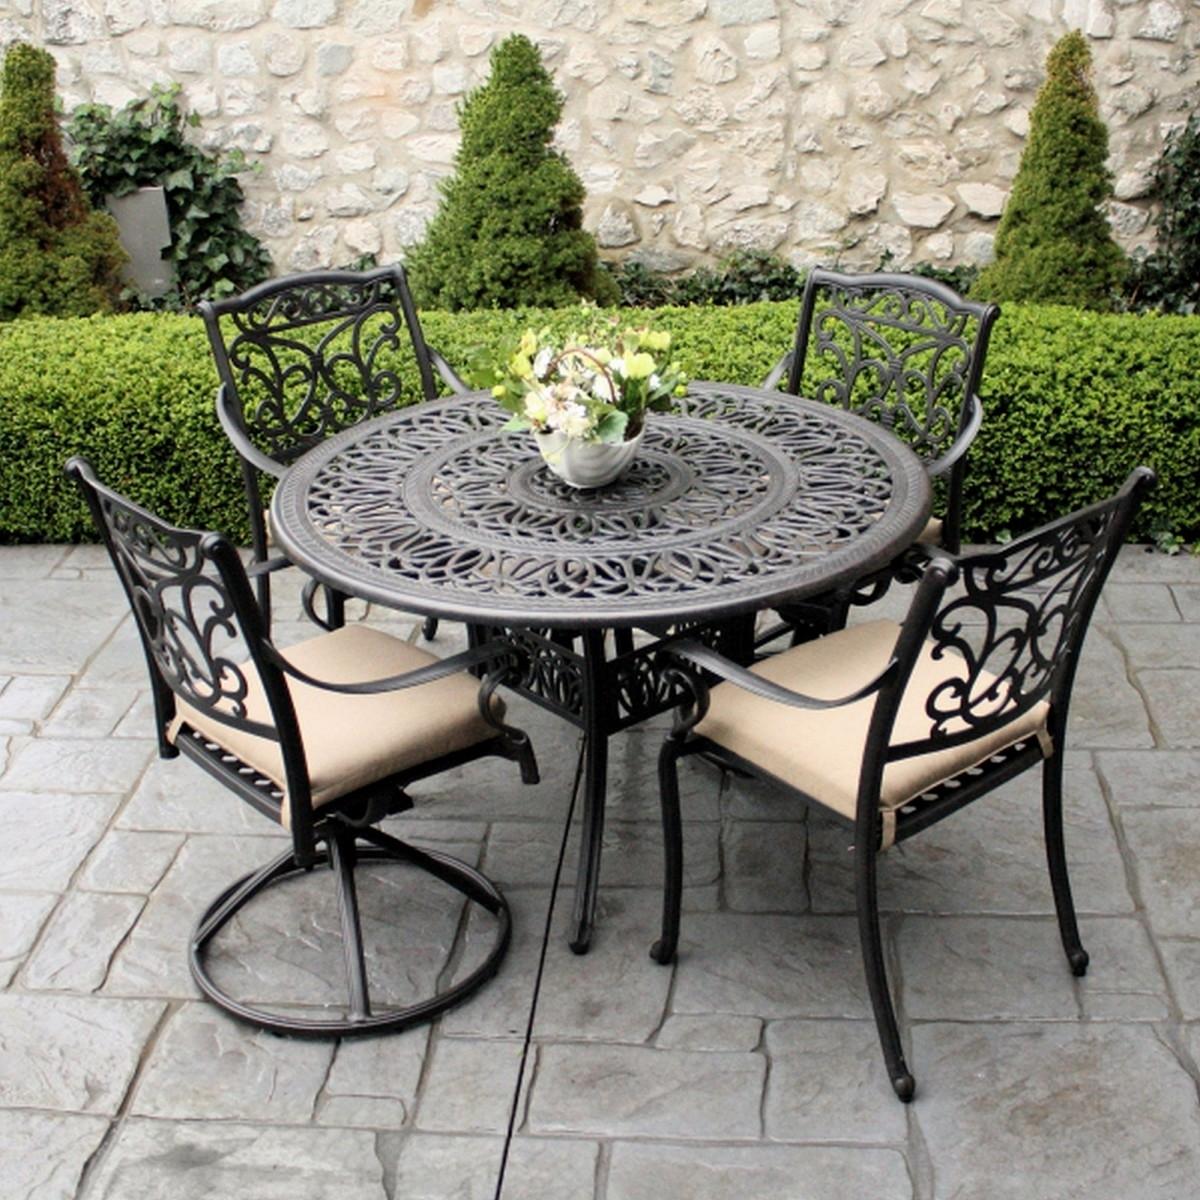 wrought iron patio furniture wrought iron patio chair patio furniture ideas for wrought iron patio YLXEZQL